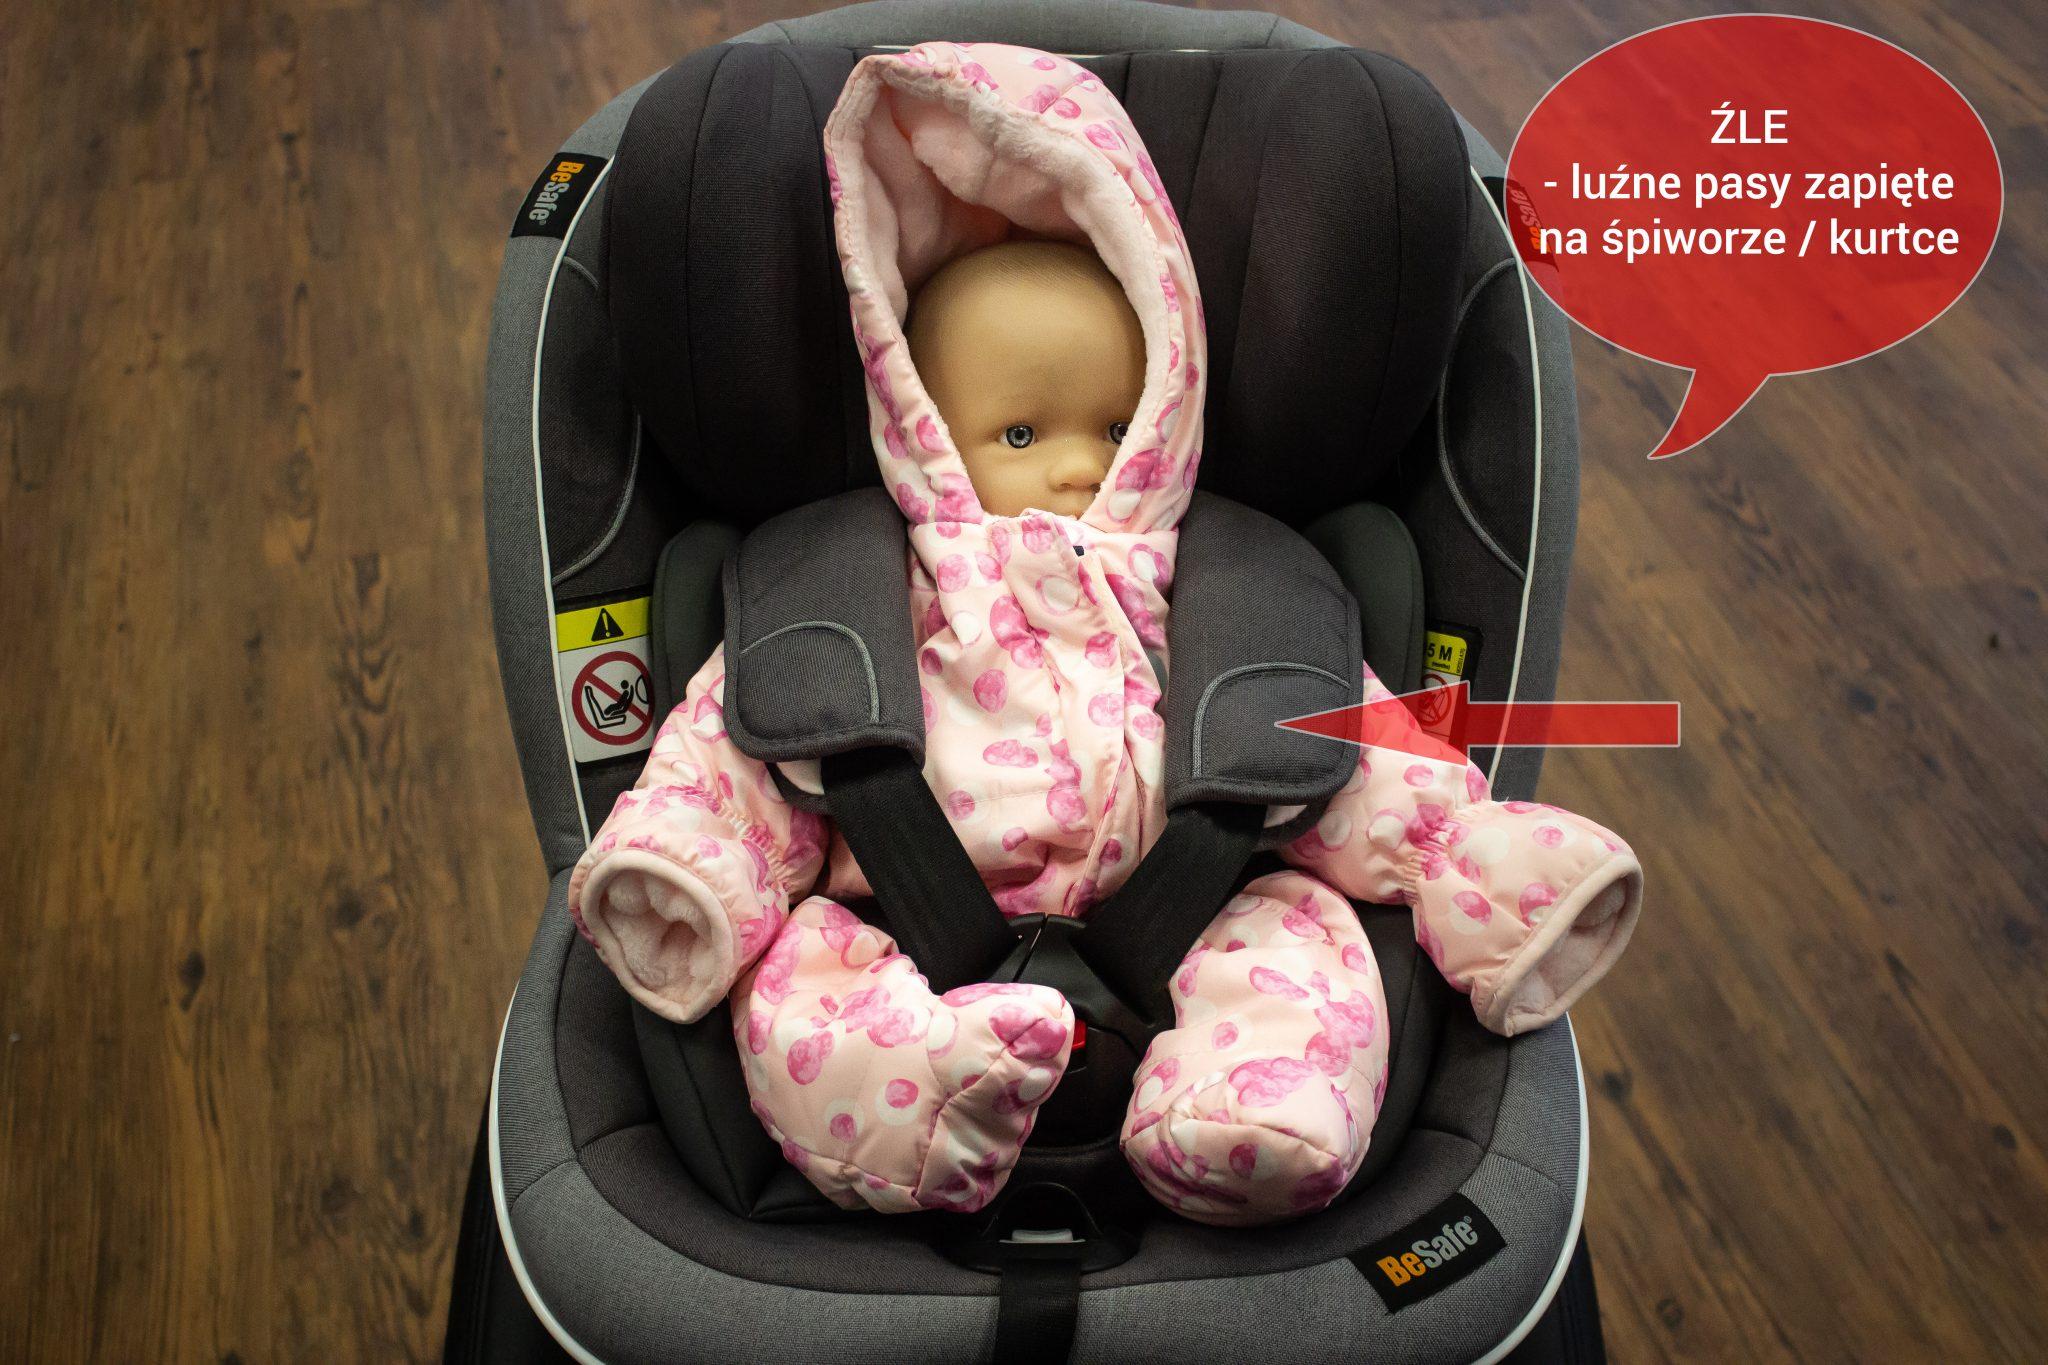 dlaczego nie wozić dziecka w kurtce